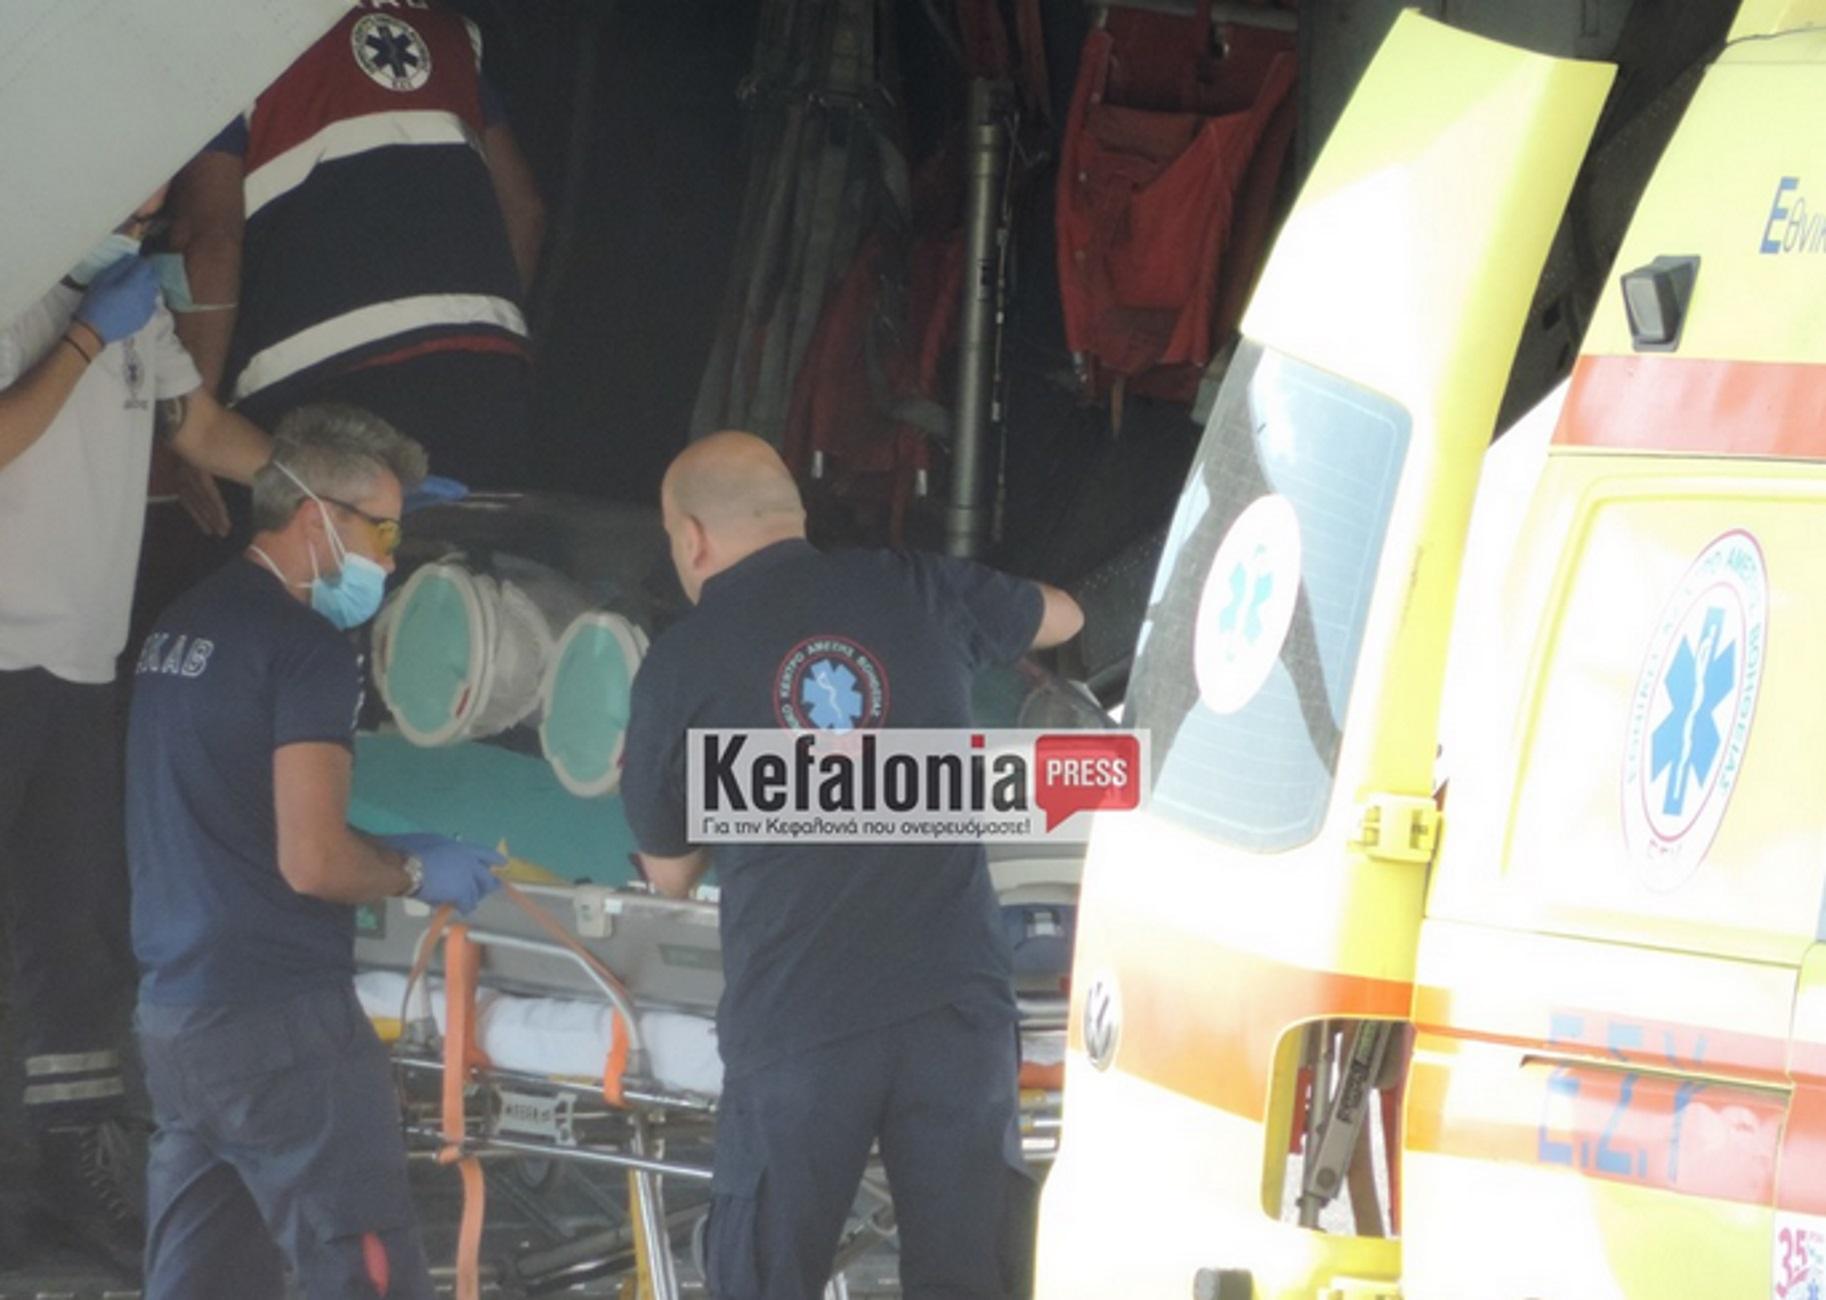 Κεφαλονιά: Αεροδιακομιδή ασθενούς με κορονοϊό μέσα σε ειδική κάψουλα – Κρίσιμες οι επόμενες μέρες